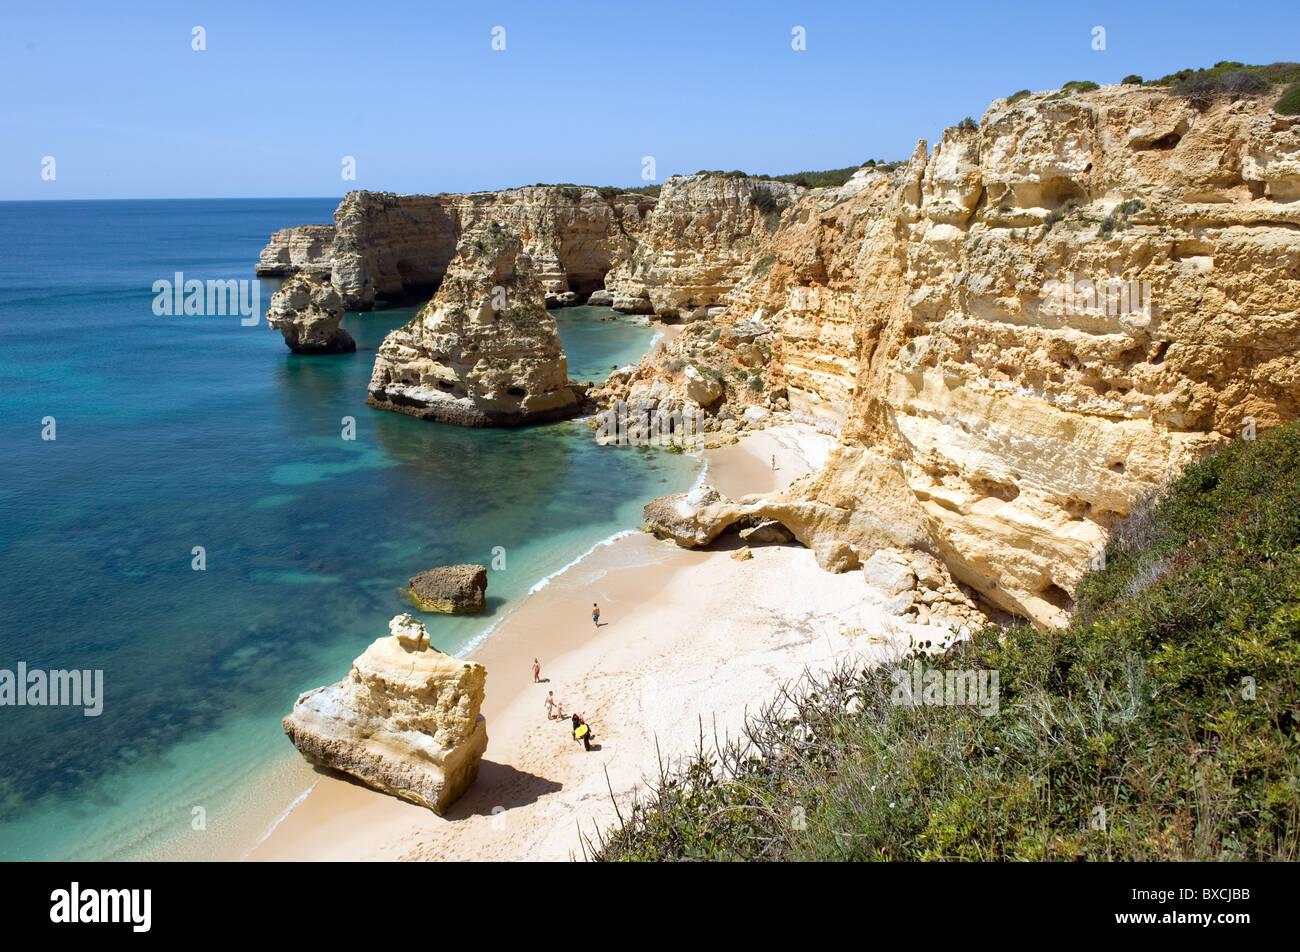 Rocks at Praia da Marinha, Armacao de Pera, Portugal - Stock Image